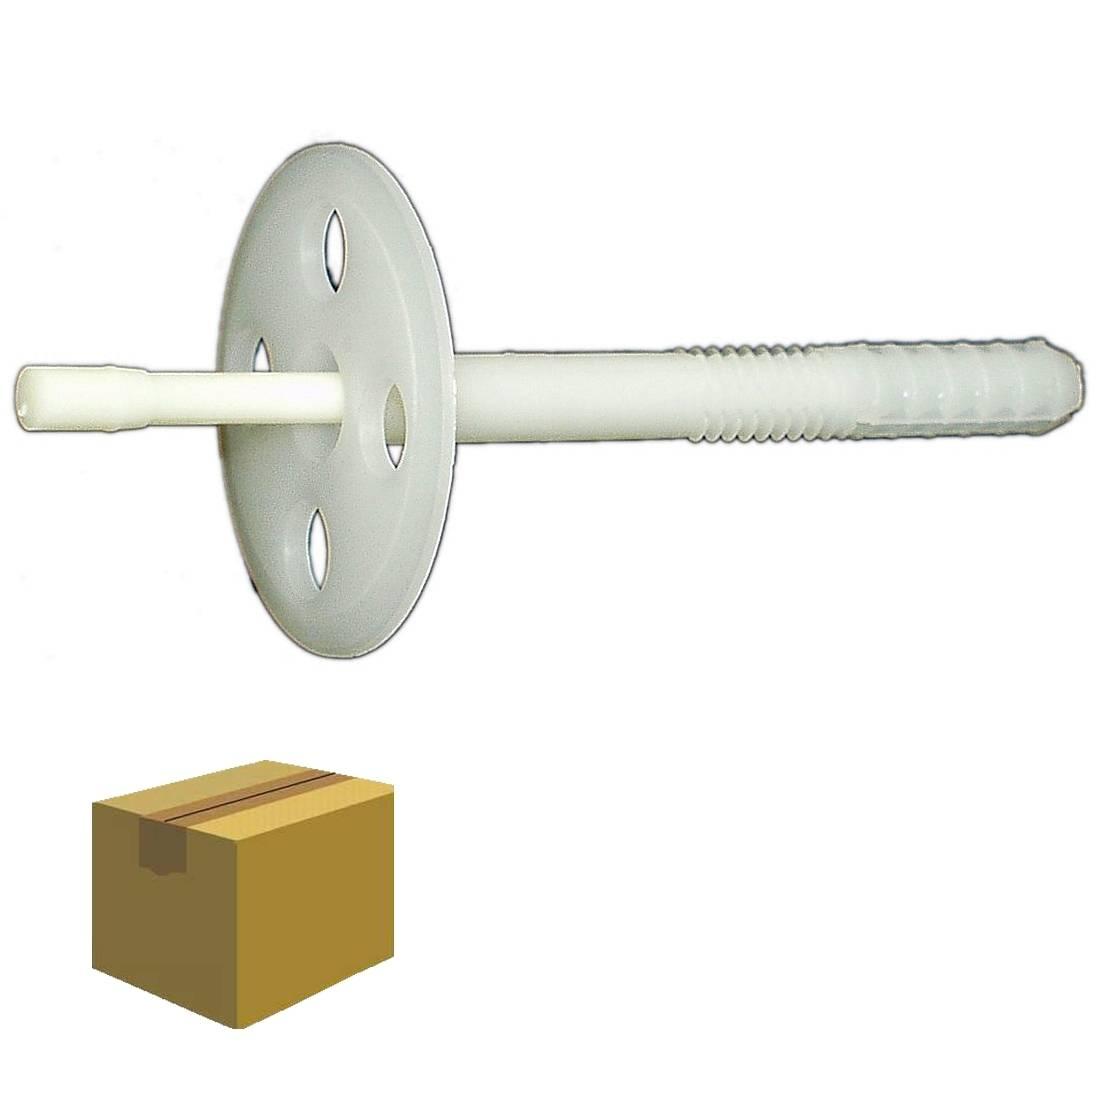 Dämmstoffdübel 'K' 10,0 x 180 mm / Krt a 250 Stück